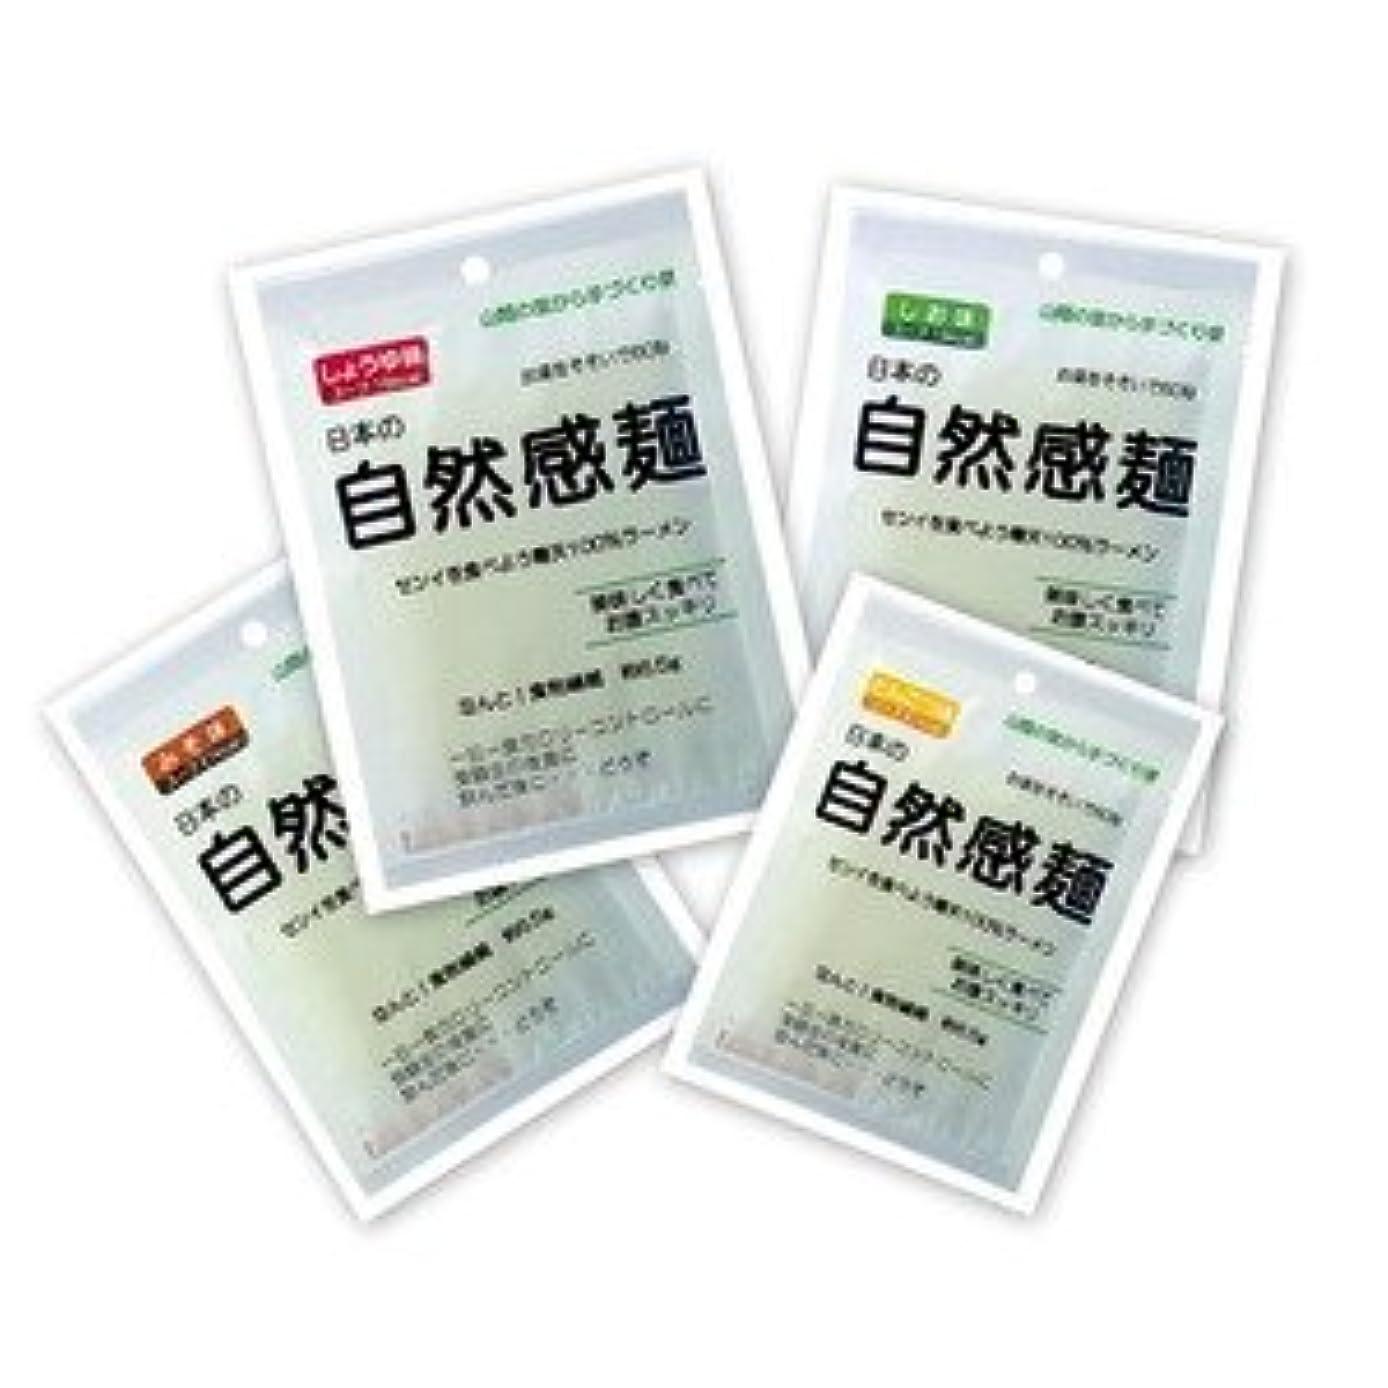 メッセンジャーセレナキャプテンブライ自然寒天ラーメン/ダイエット食品 【4味5食セット】 しょうゆ味?みそ味?しお味?とんこつ味 日本製